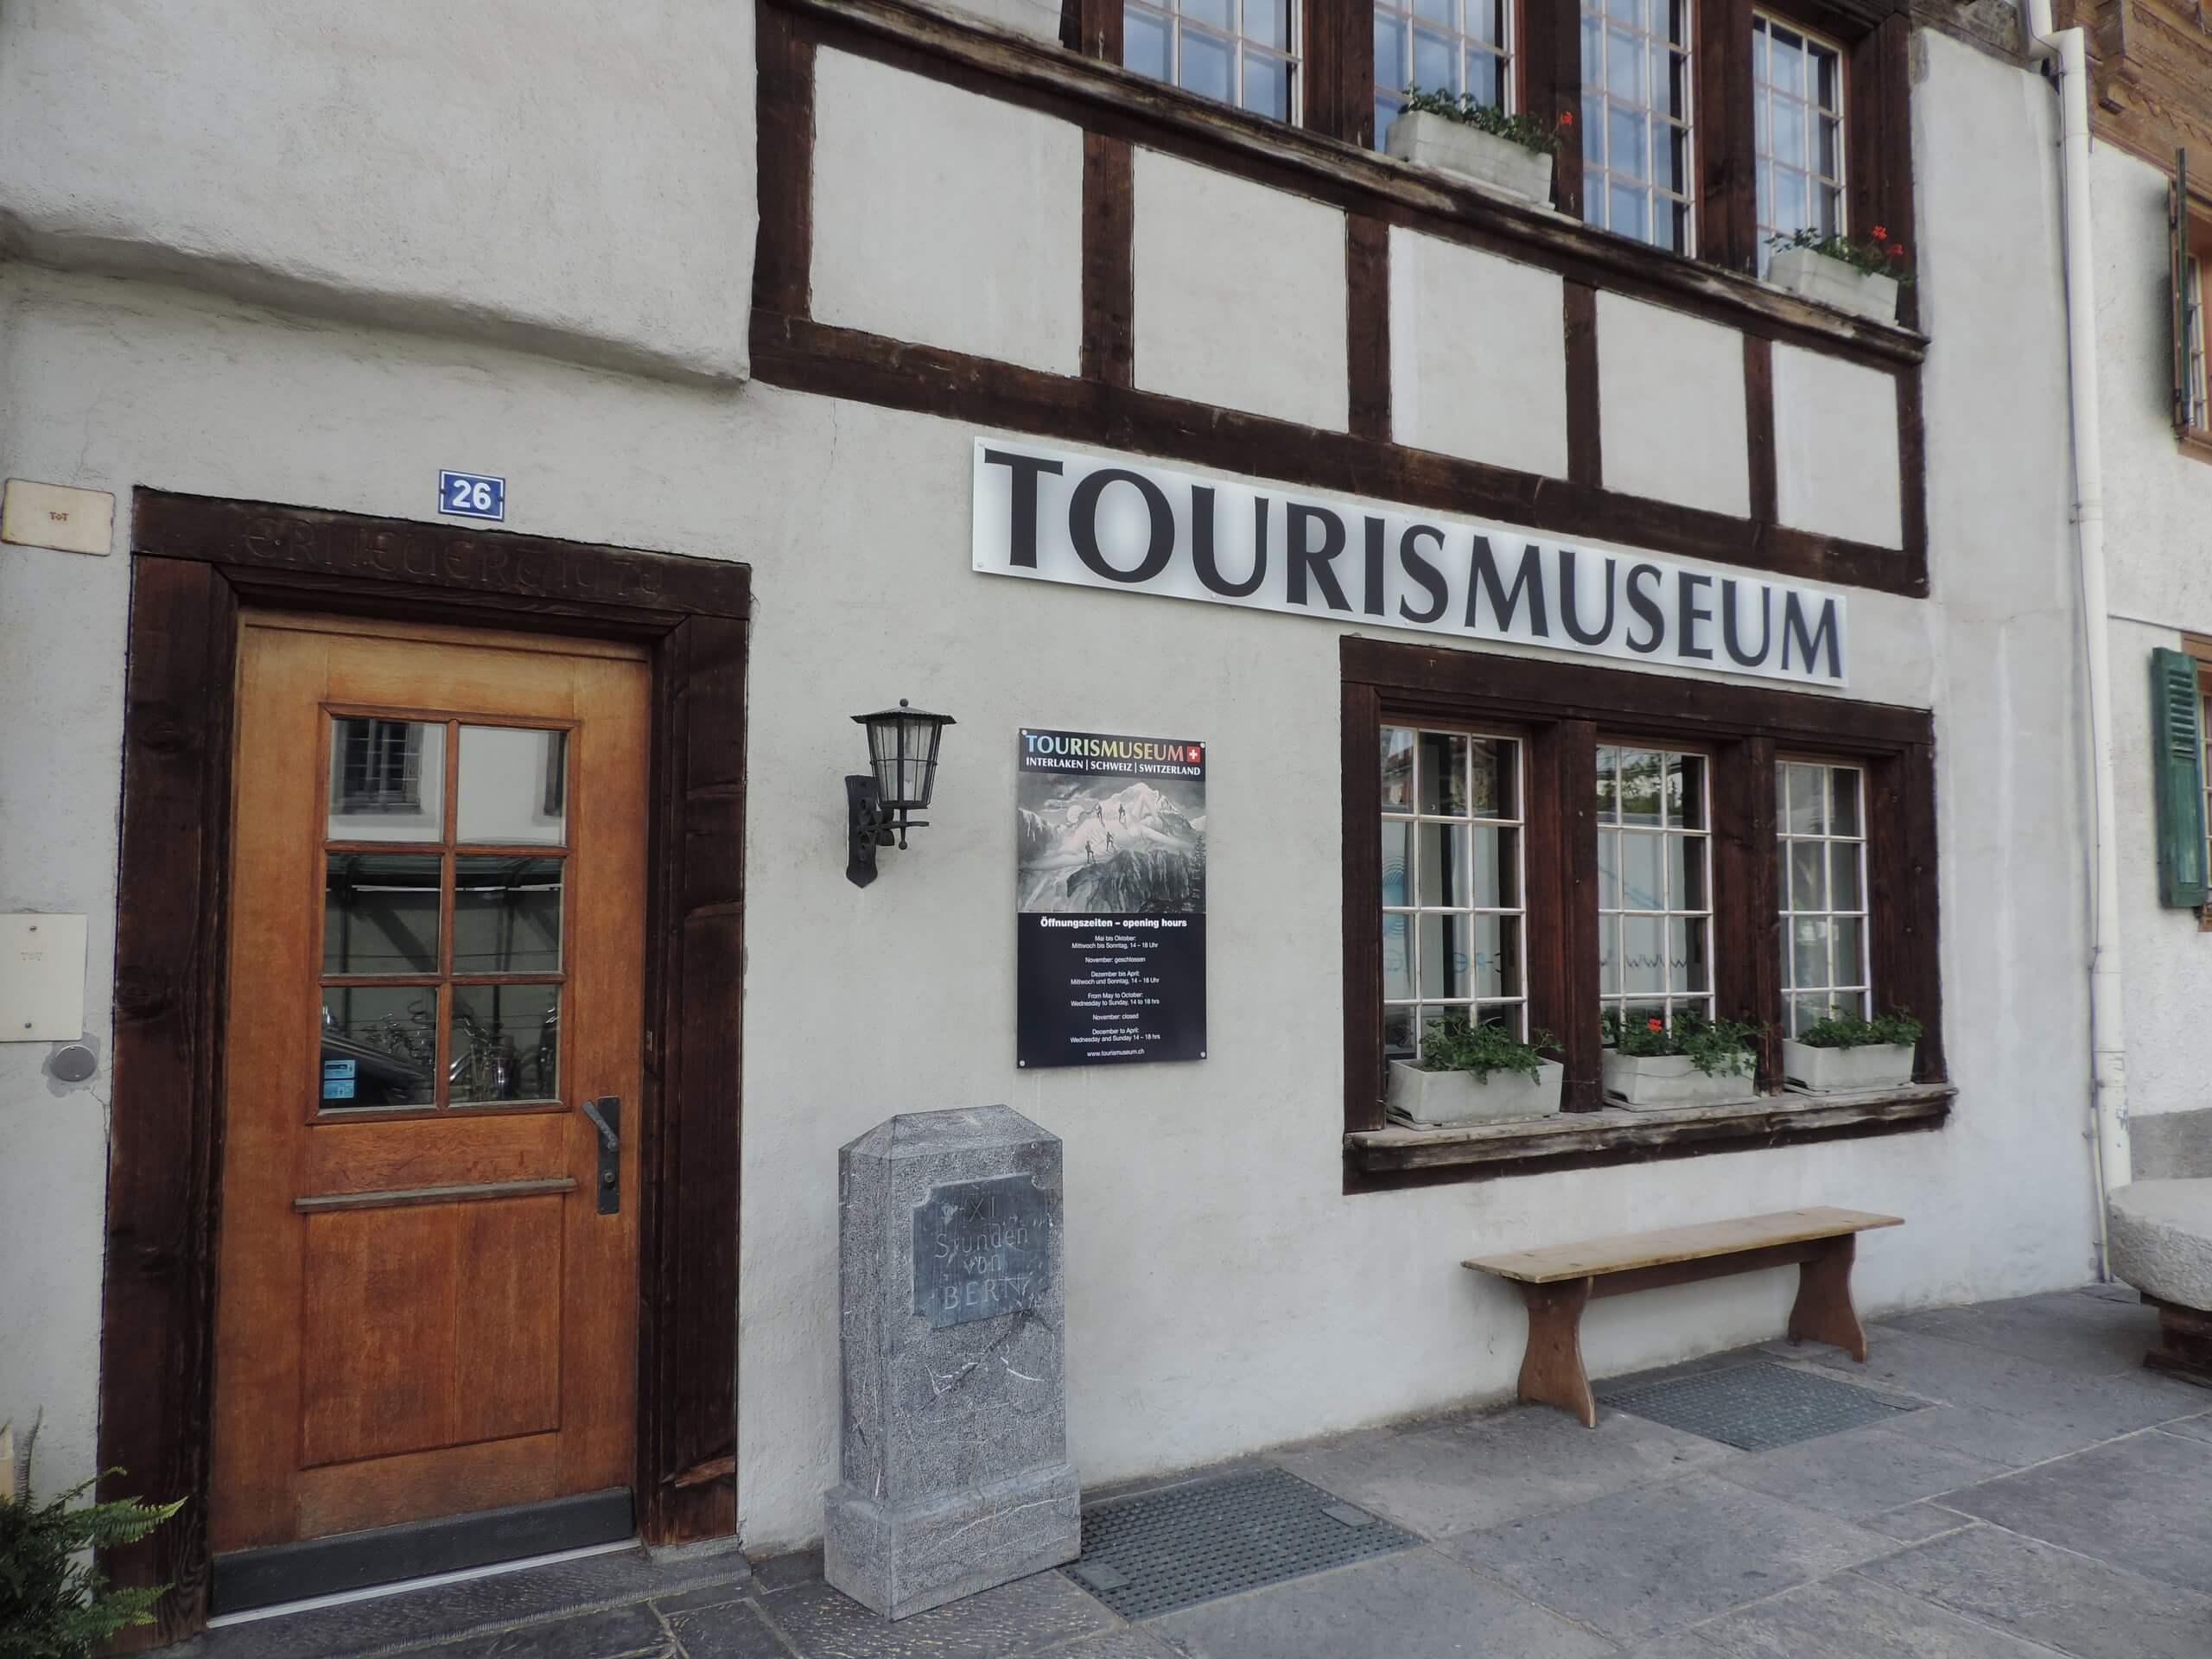 unterseen-tourismuseum-aussen-ansicht